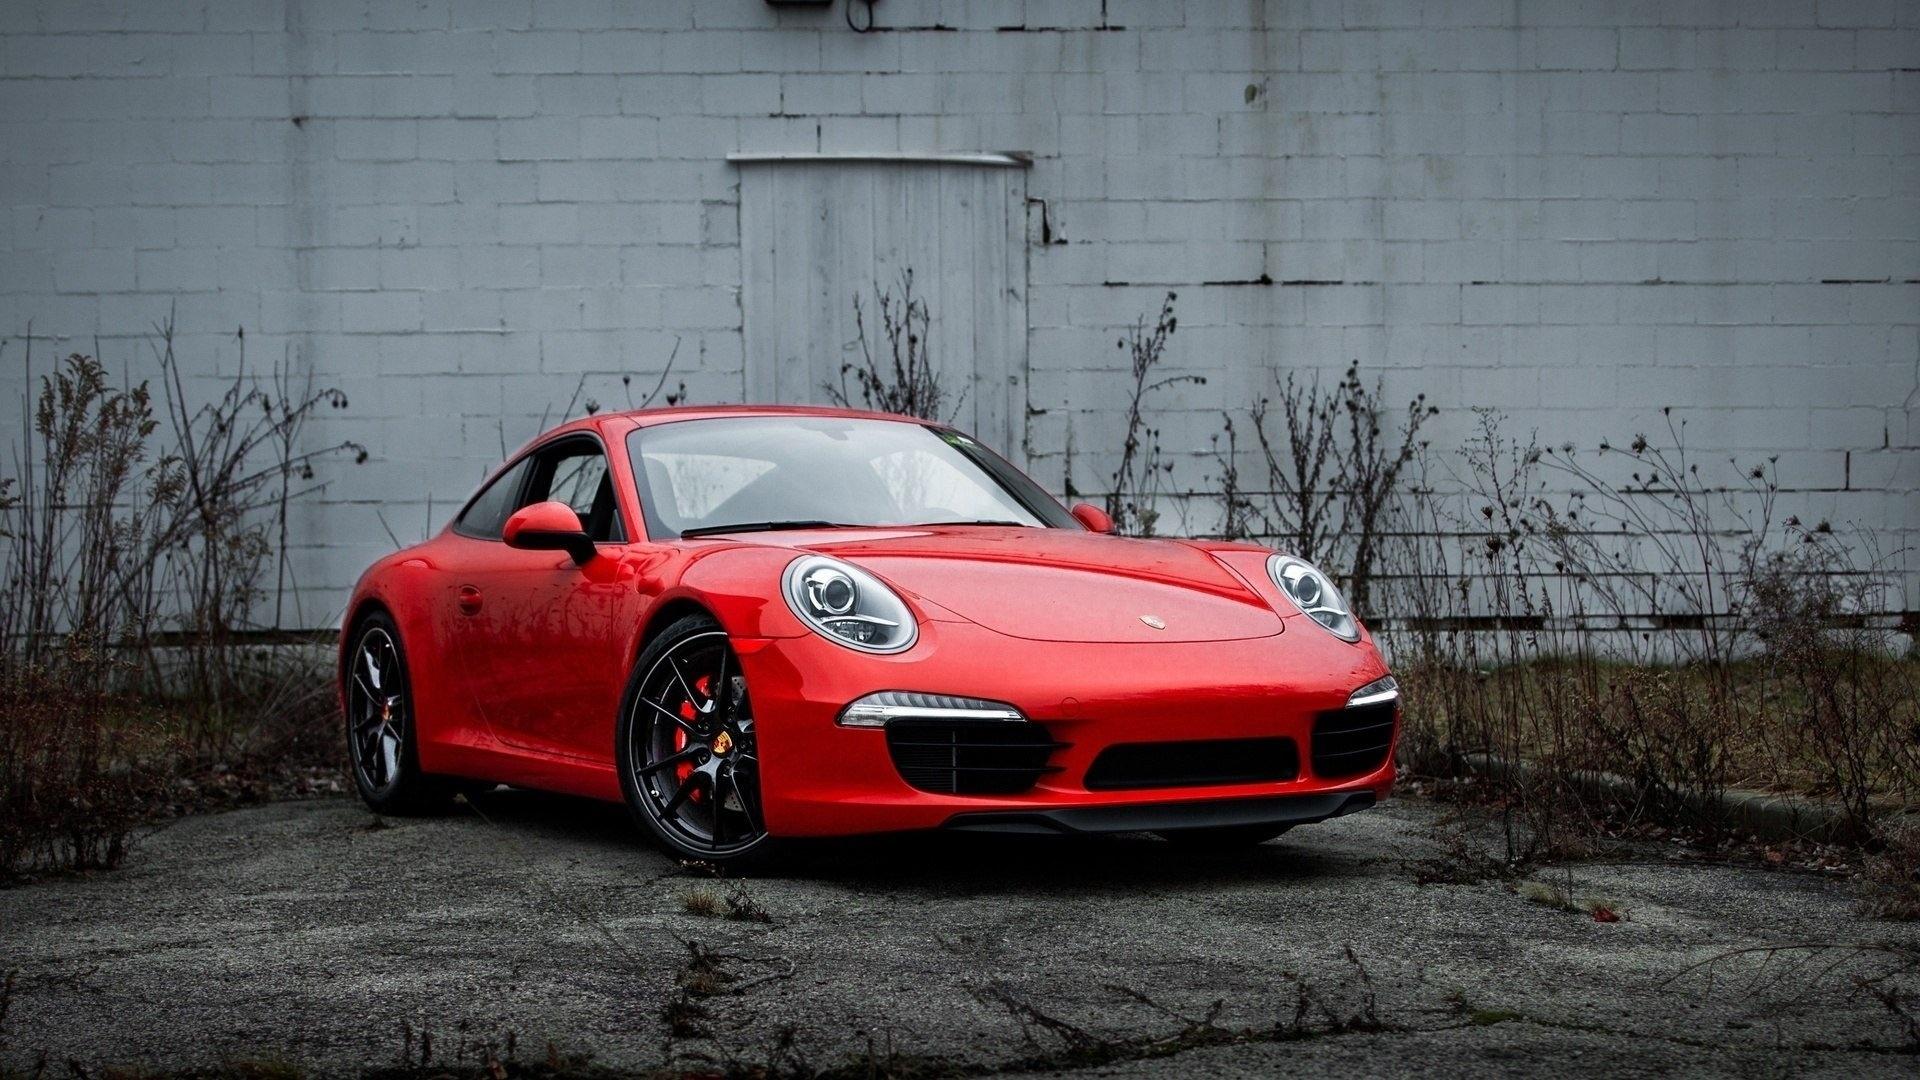 Porsche free image